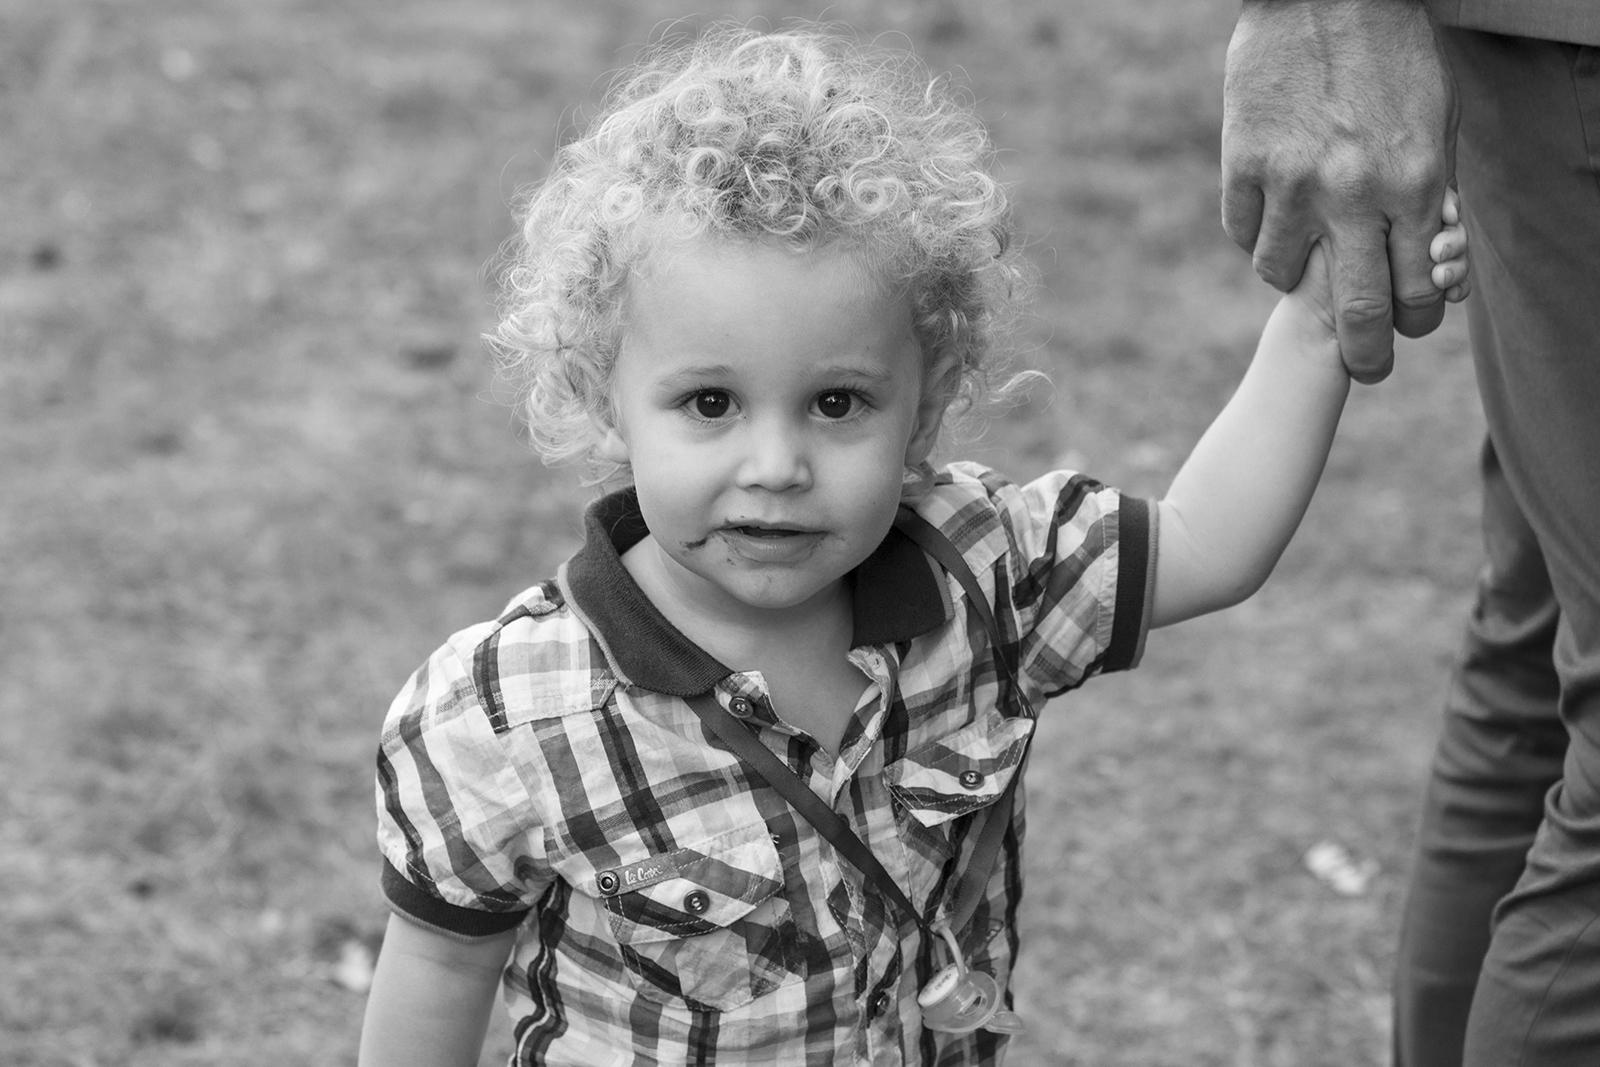 enfant en noir et blanc avec moustache de chocolat